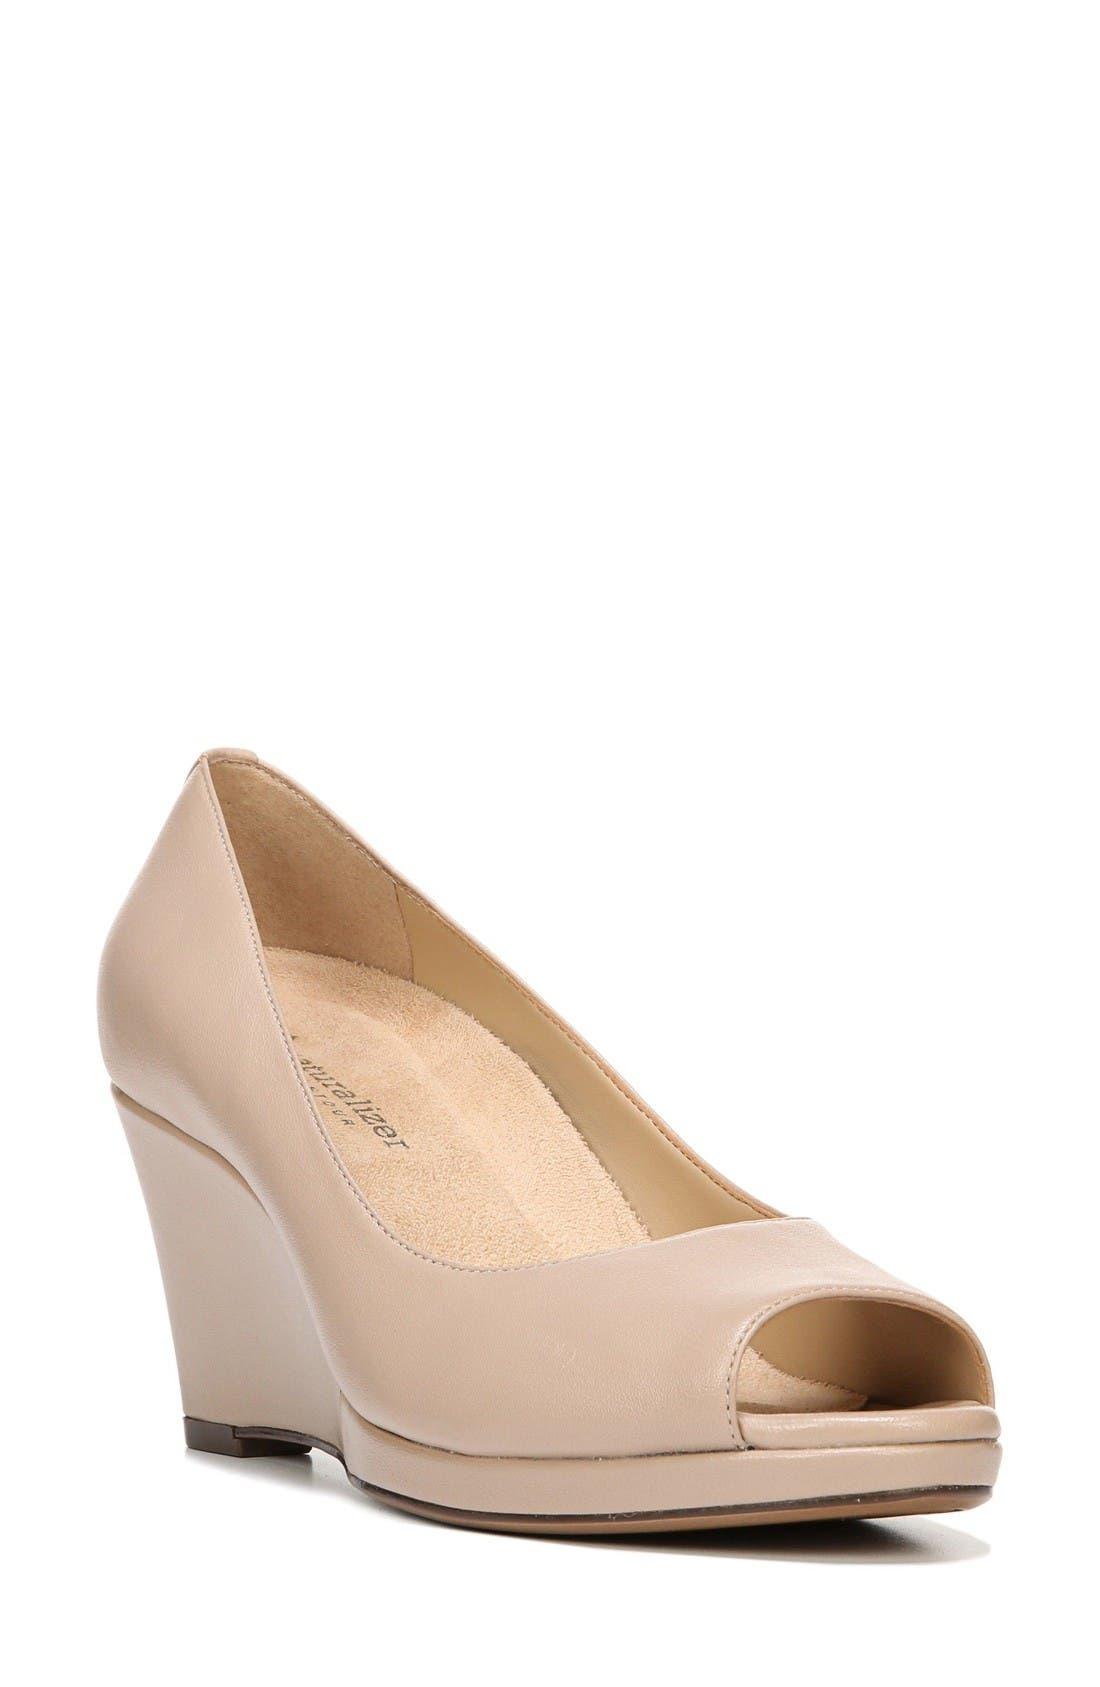 Olivia Peep Toe Wedge,                         Main,                         color, Taupe Leather